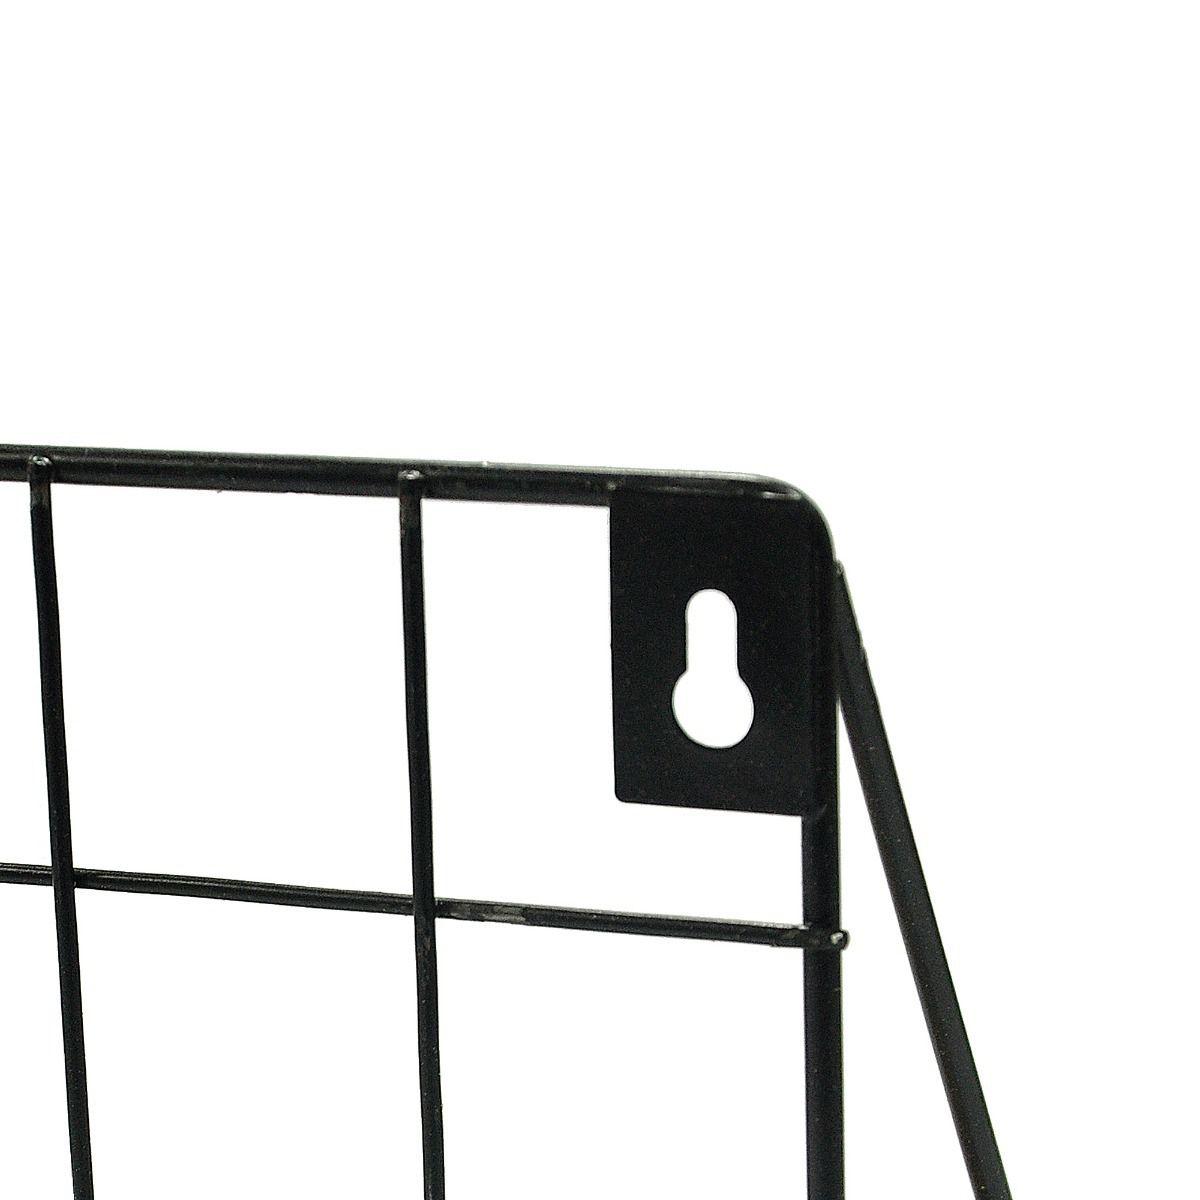 Prateleira Retangular 45cmx12cmx20cm Preta em Ferro com Madeira  - Shop Ud